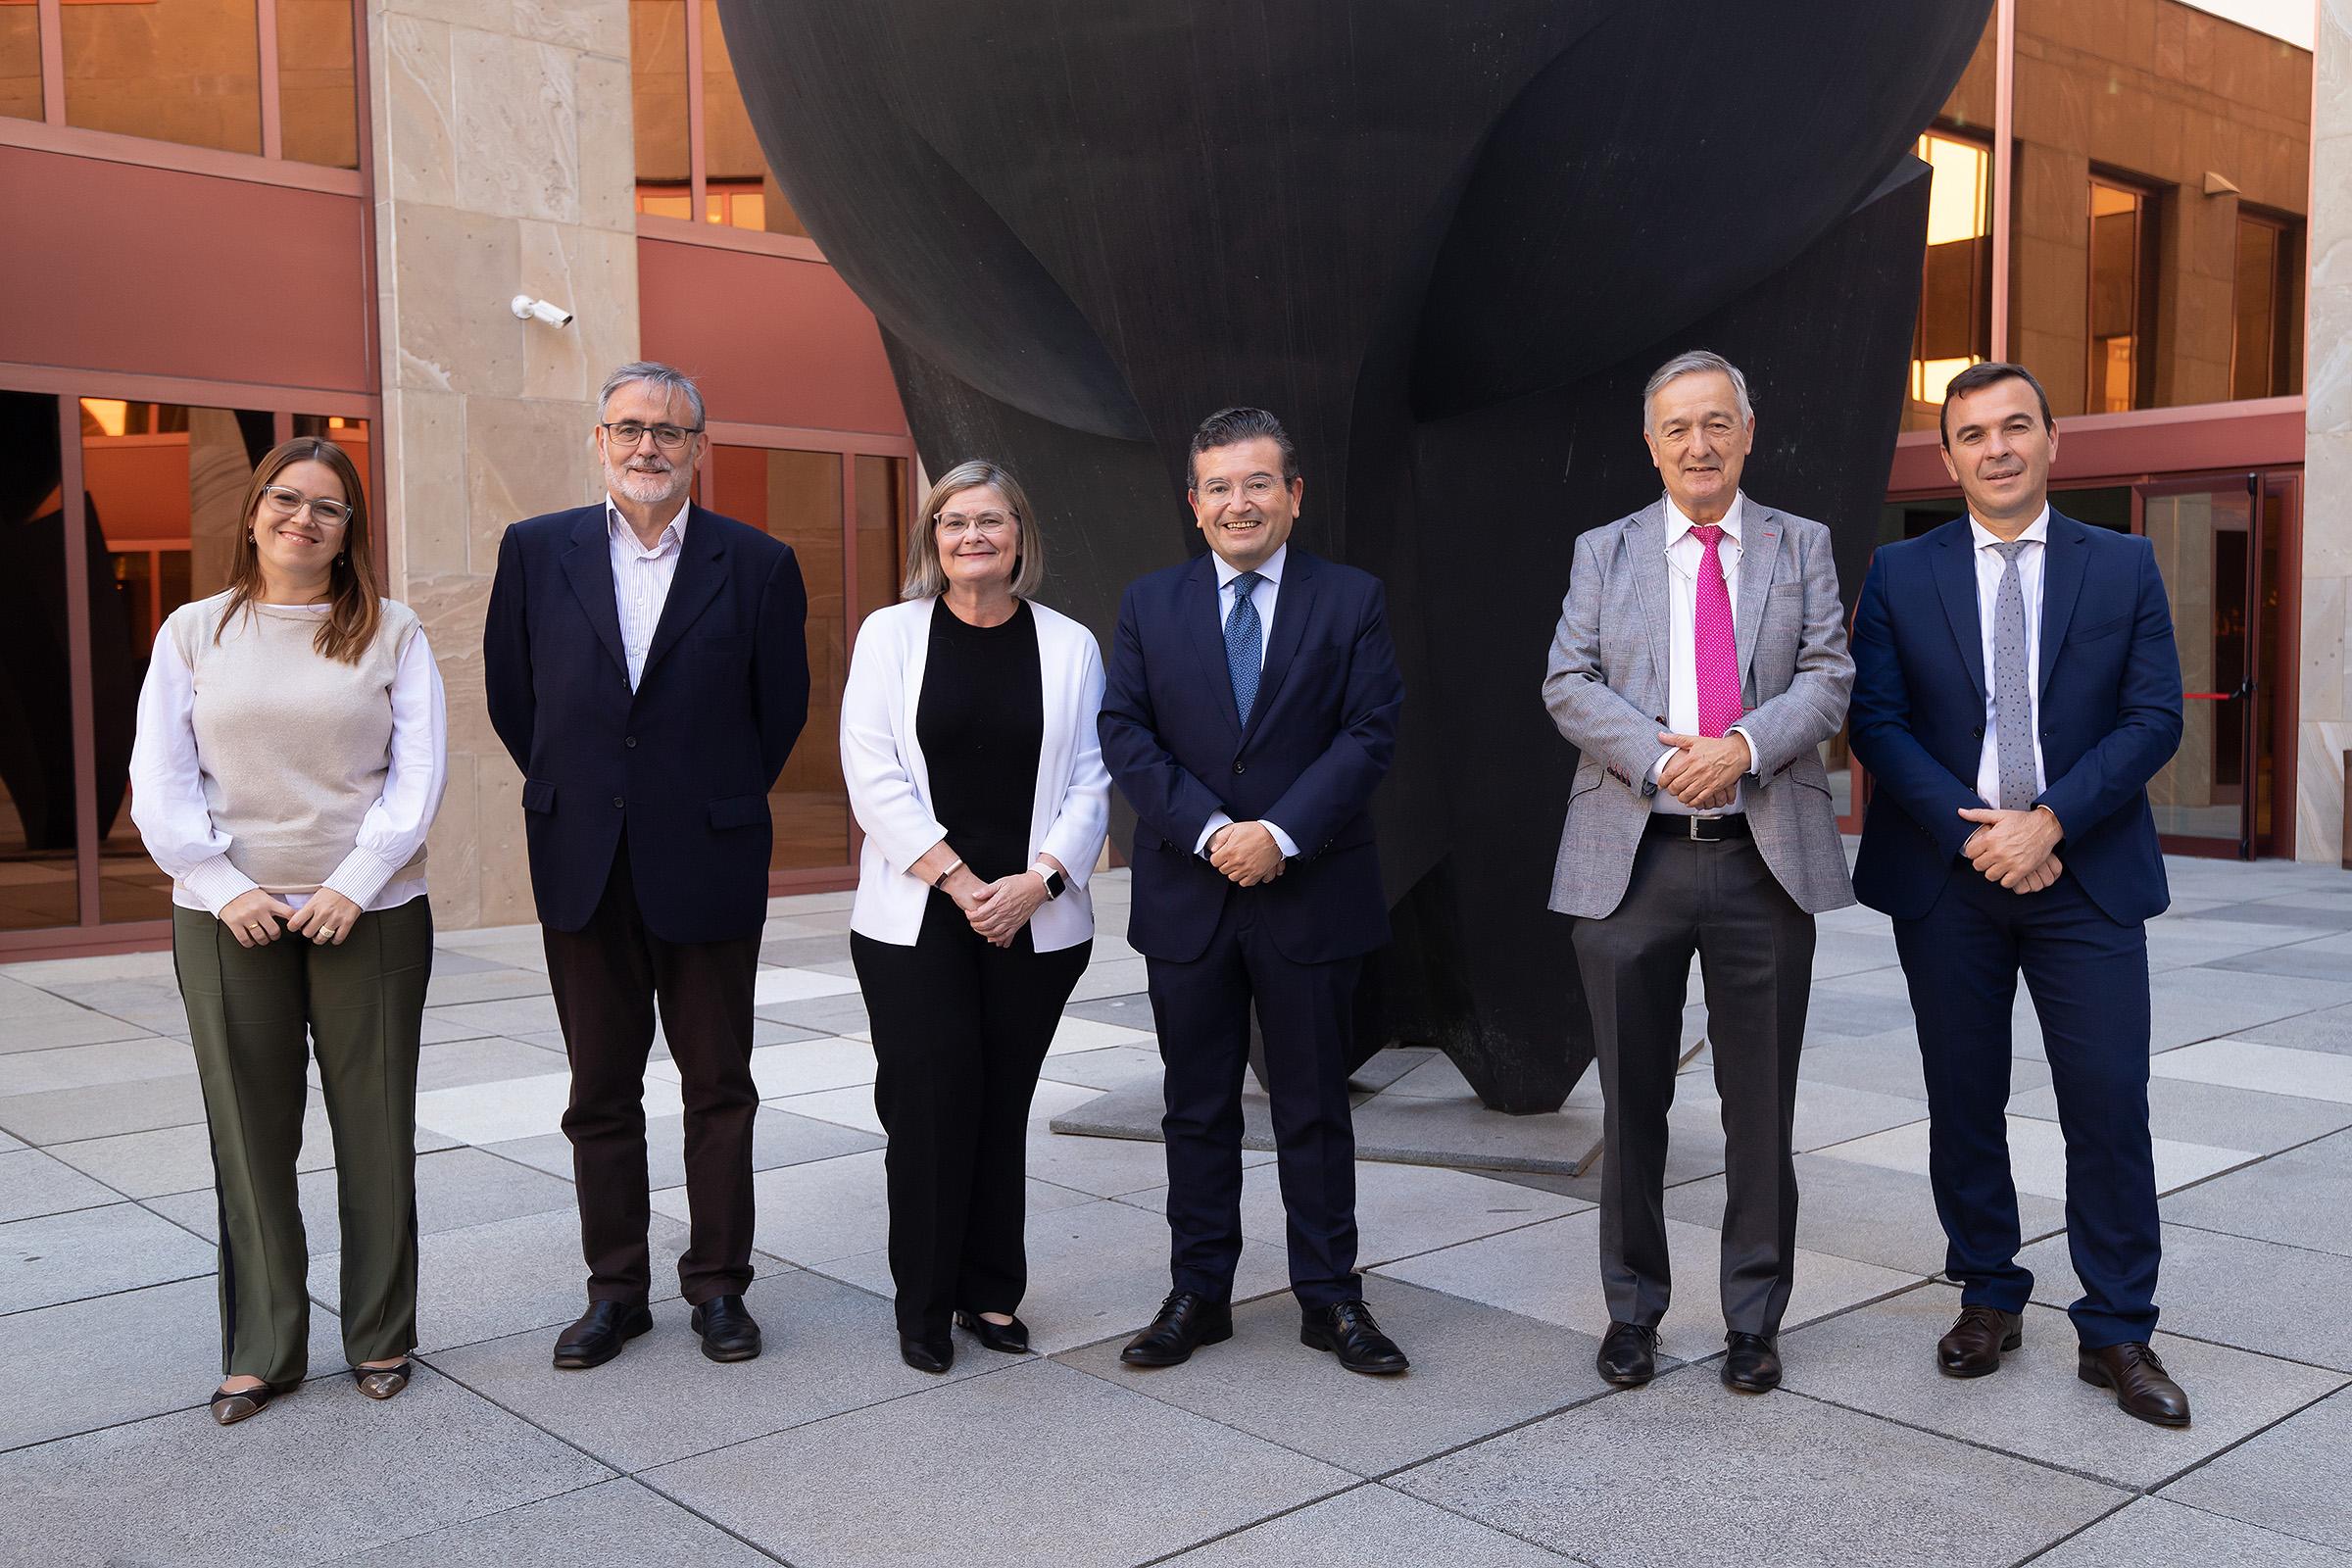 La Fundación CajaCanarias y La Caixa renuevan su compromiso con CampusÁFRICA